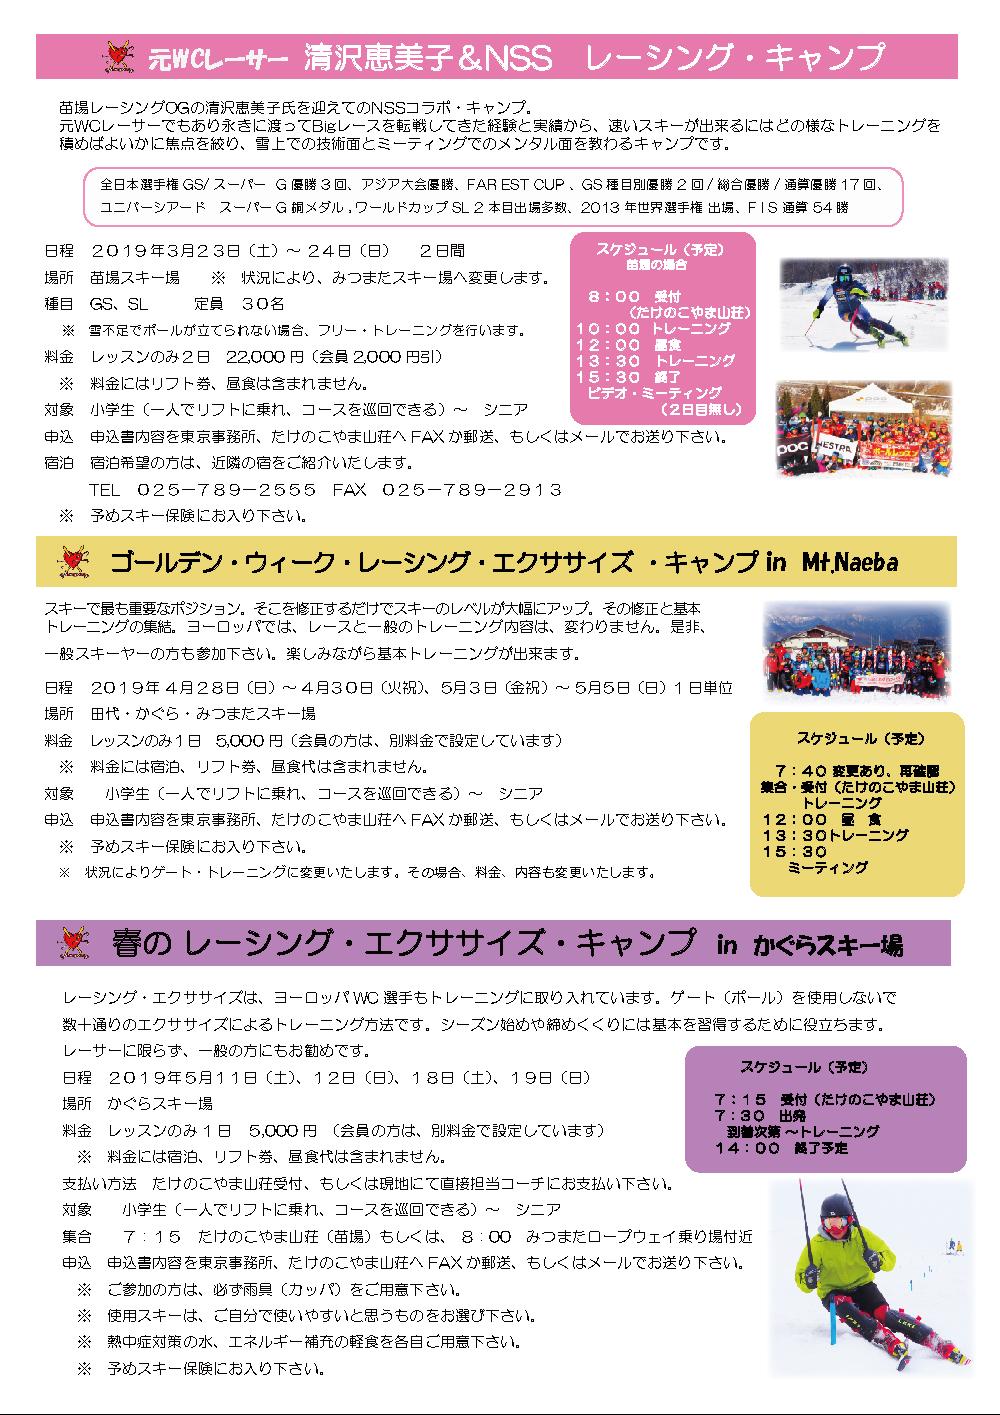 2019苗場スキースクール・レーシング・プログラム1ページ